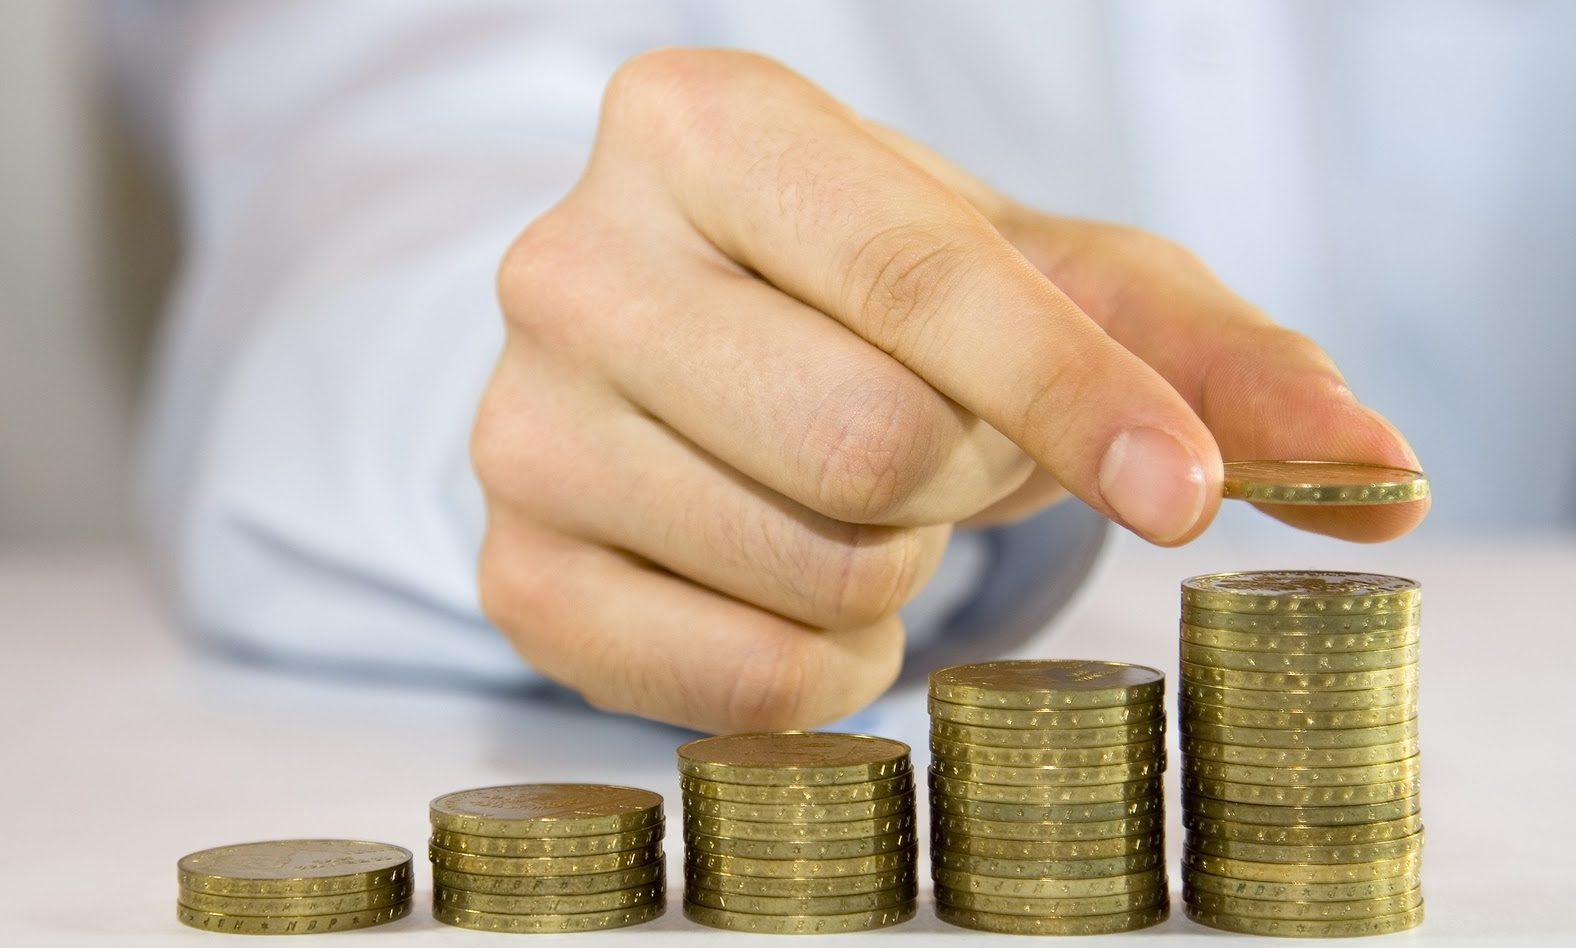 hogyan lehet pénzt keresni, ha nincs elég pénz